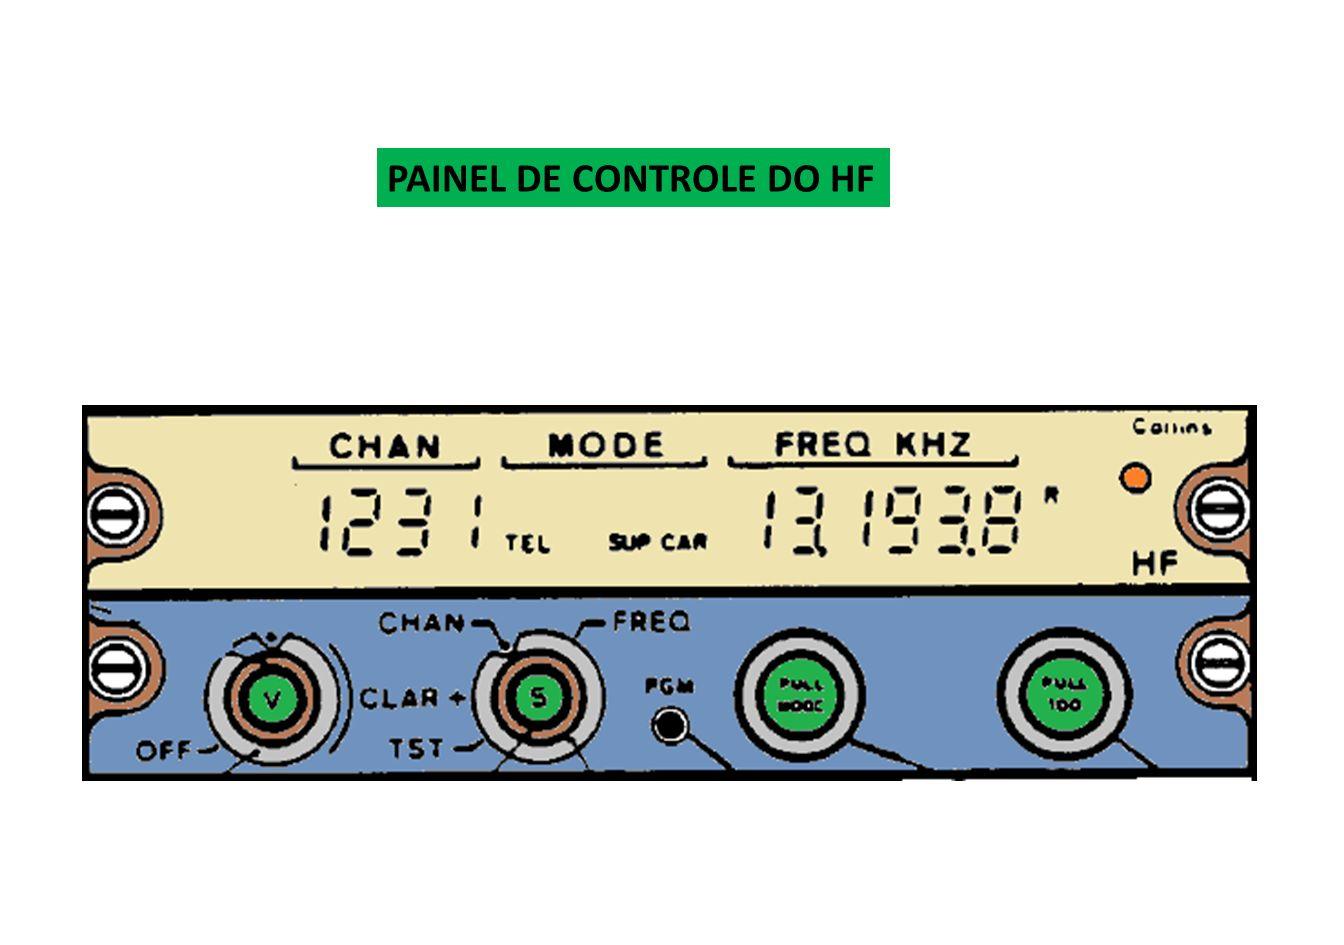 PAINEL DE CONTROLE DO HF